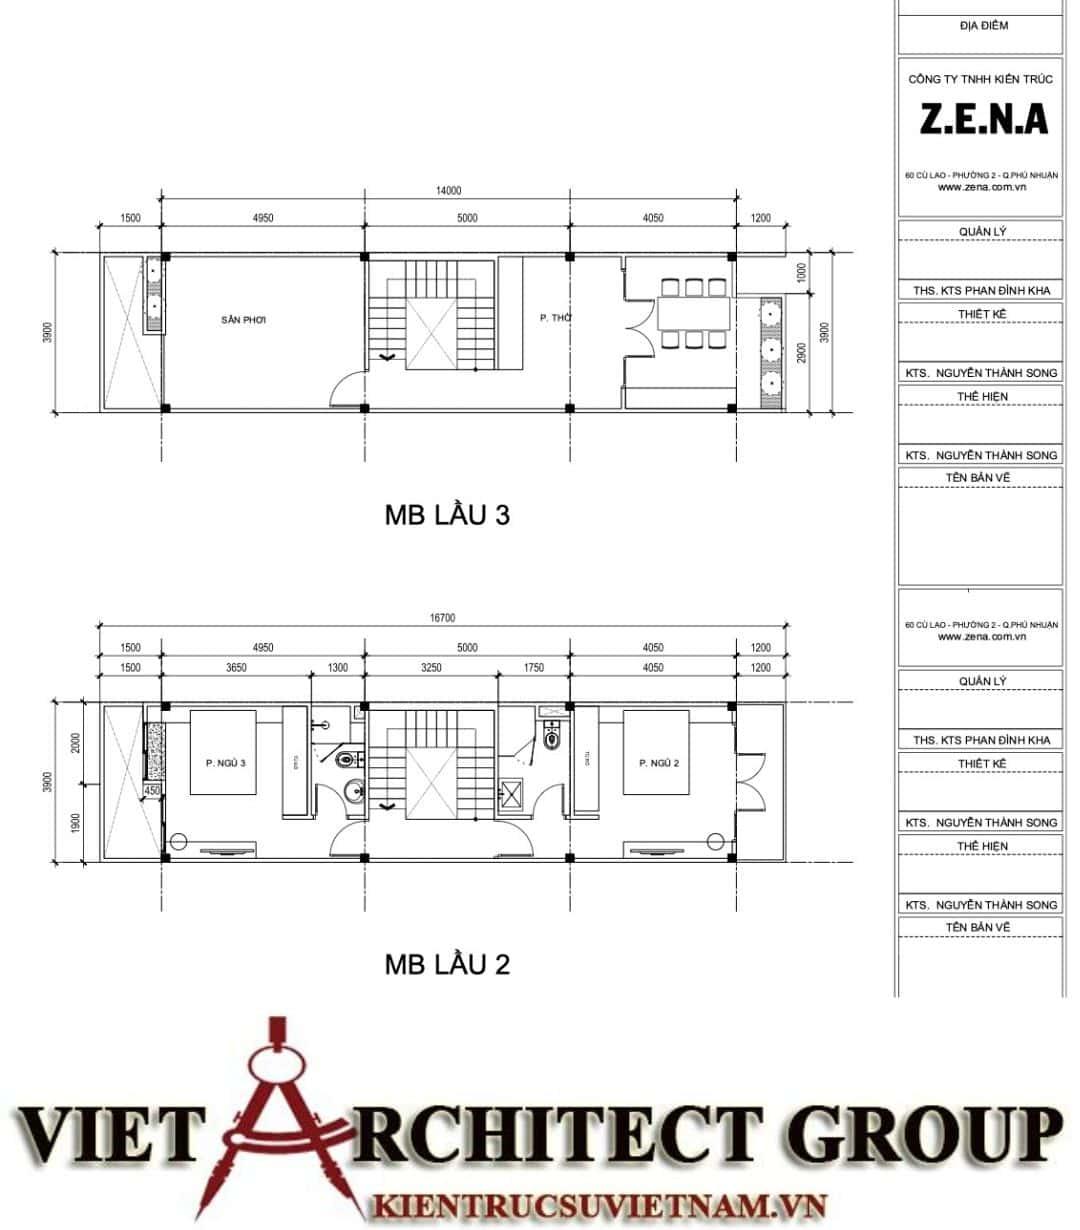 3 57 - Công trình nhà ở 5 tầng mặt tiền 4m chị Trâm - TPHCM